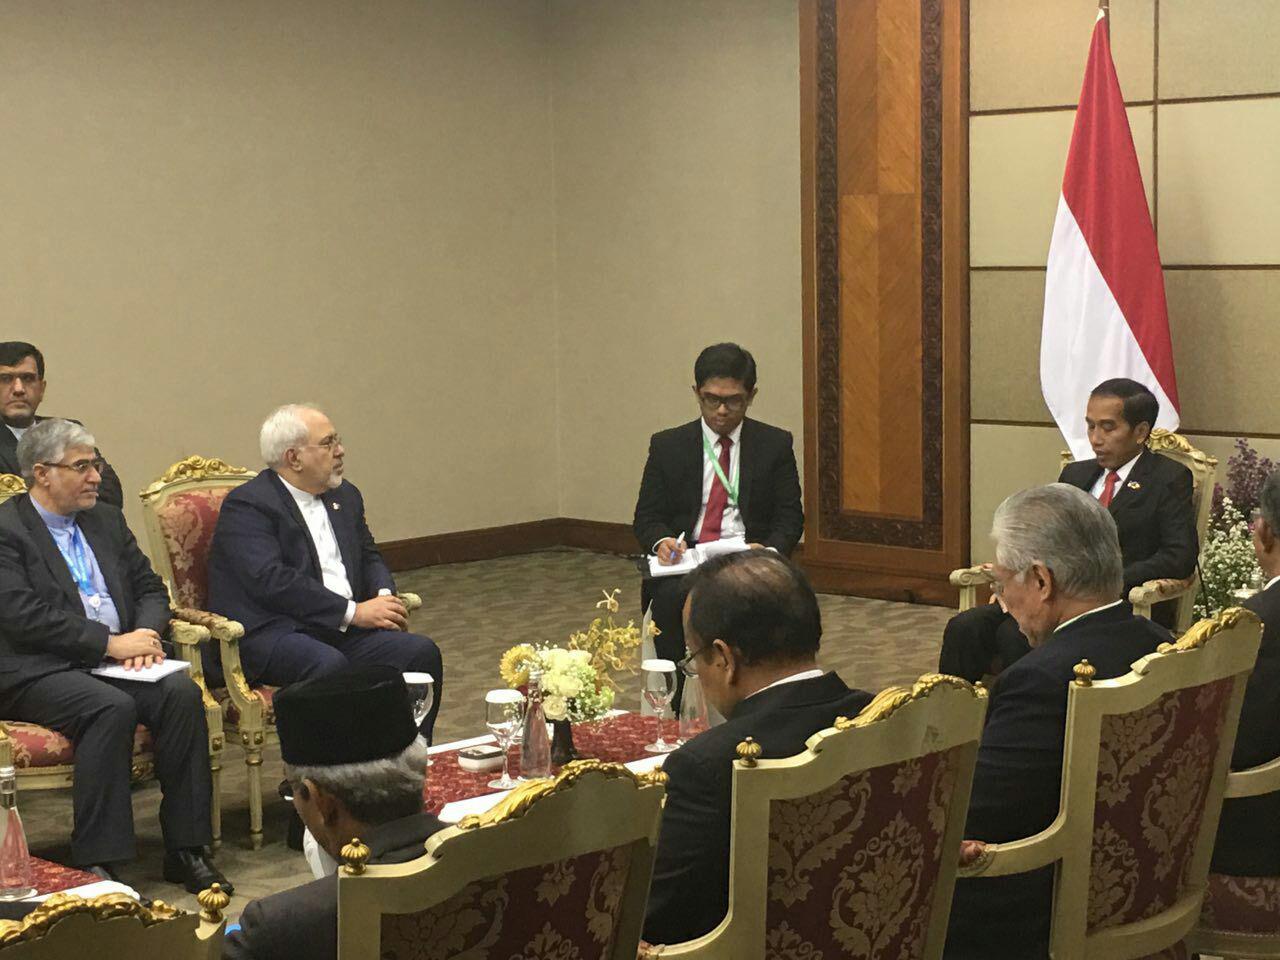 طهران وجاكرتا تؤكدان على تعزيز التعاون في مجالات النفط والطاقة